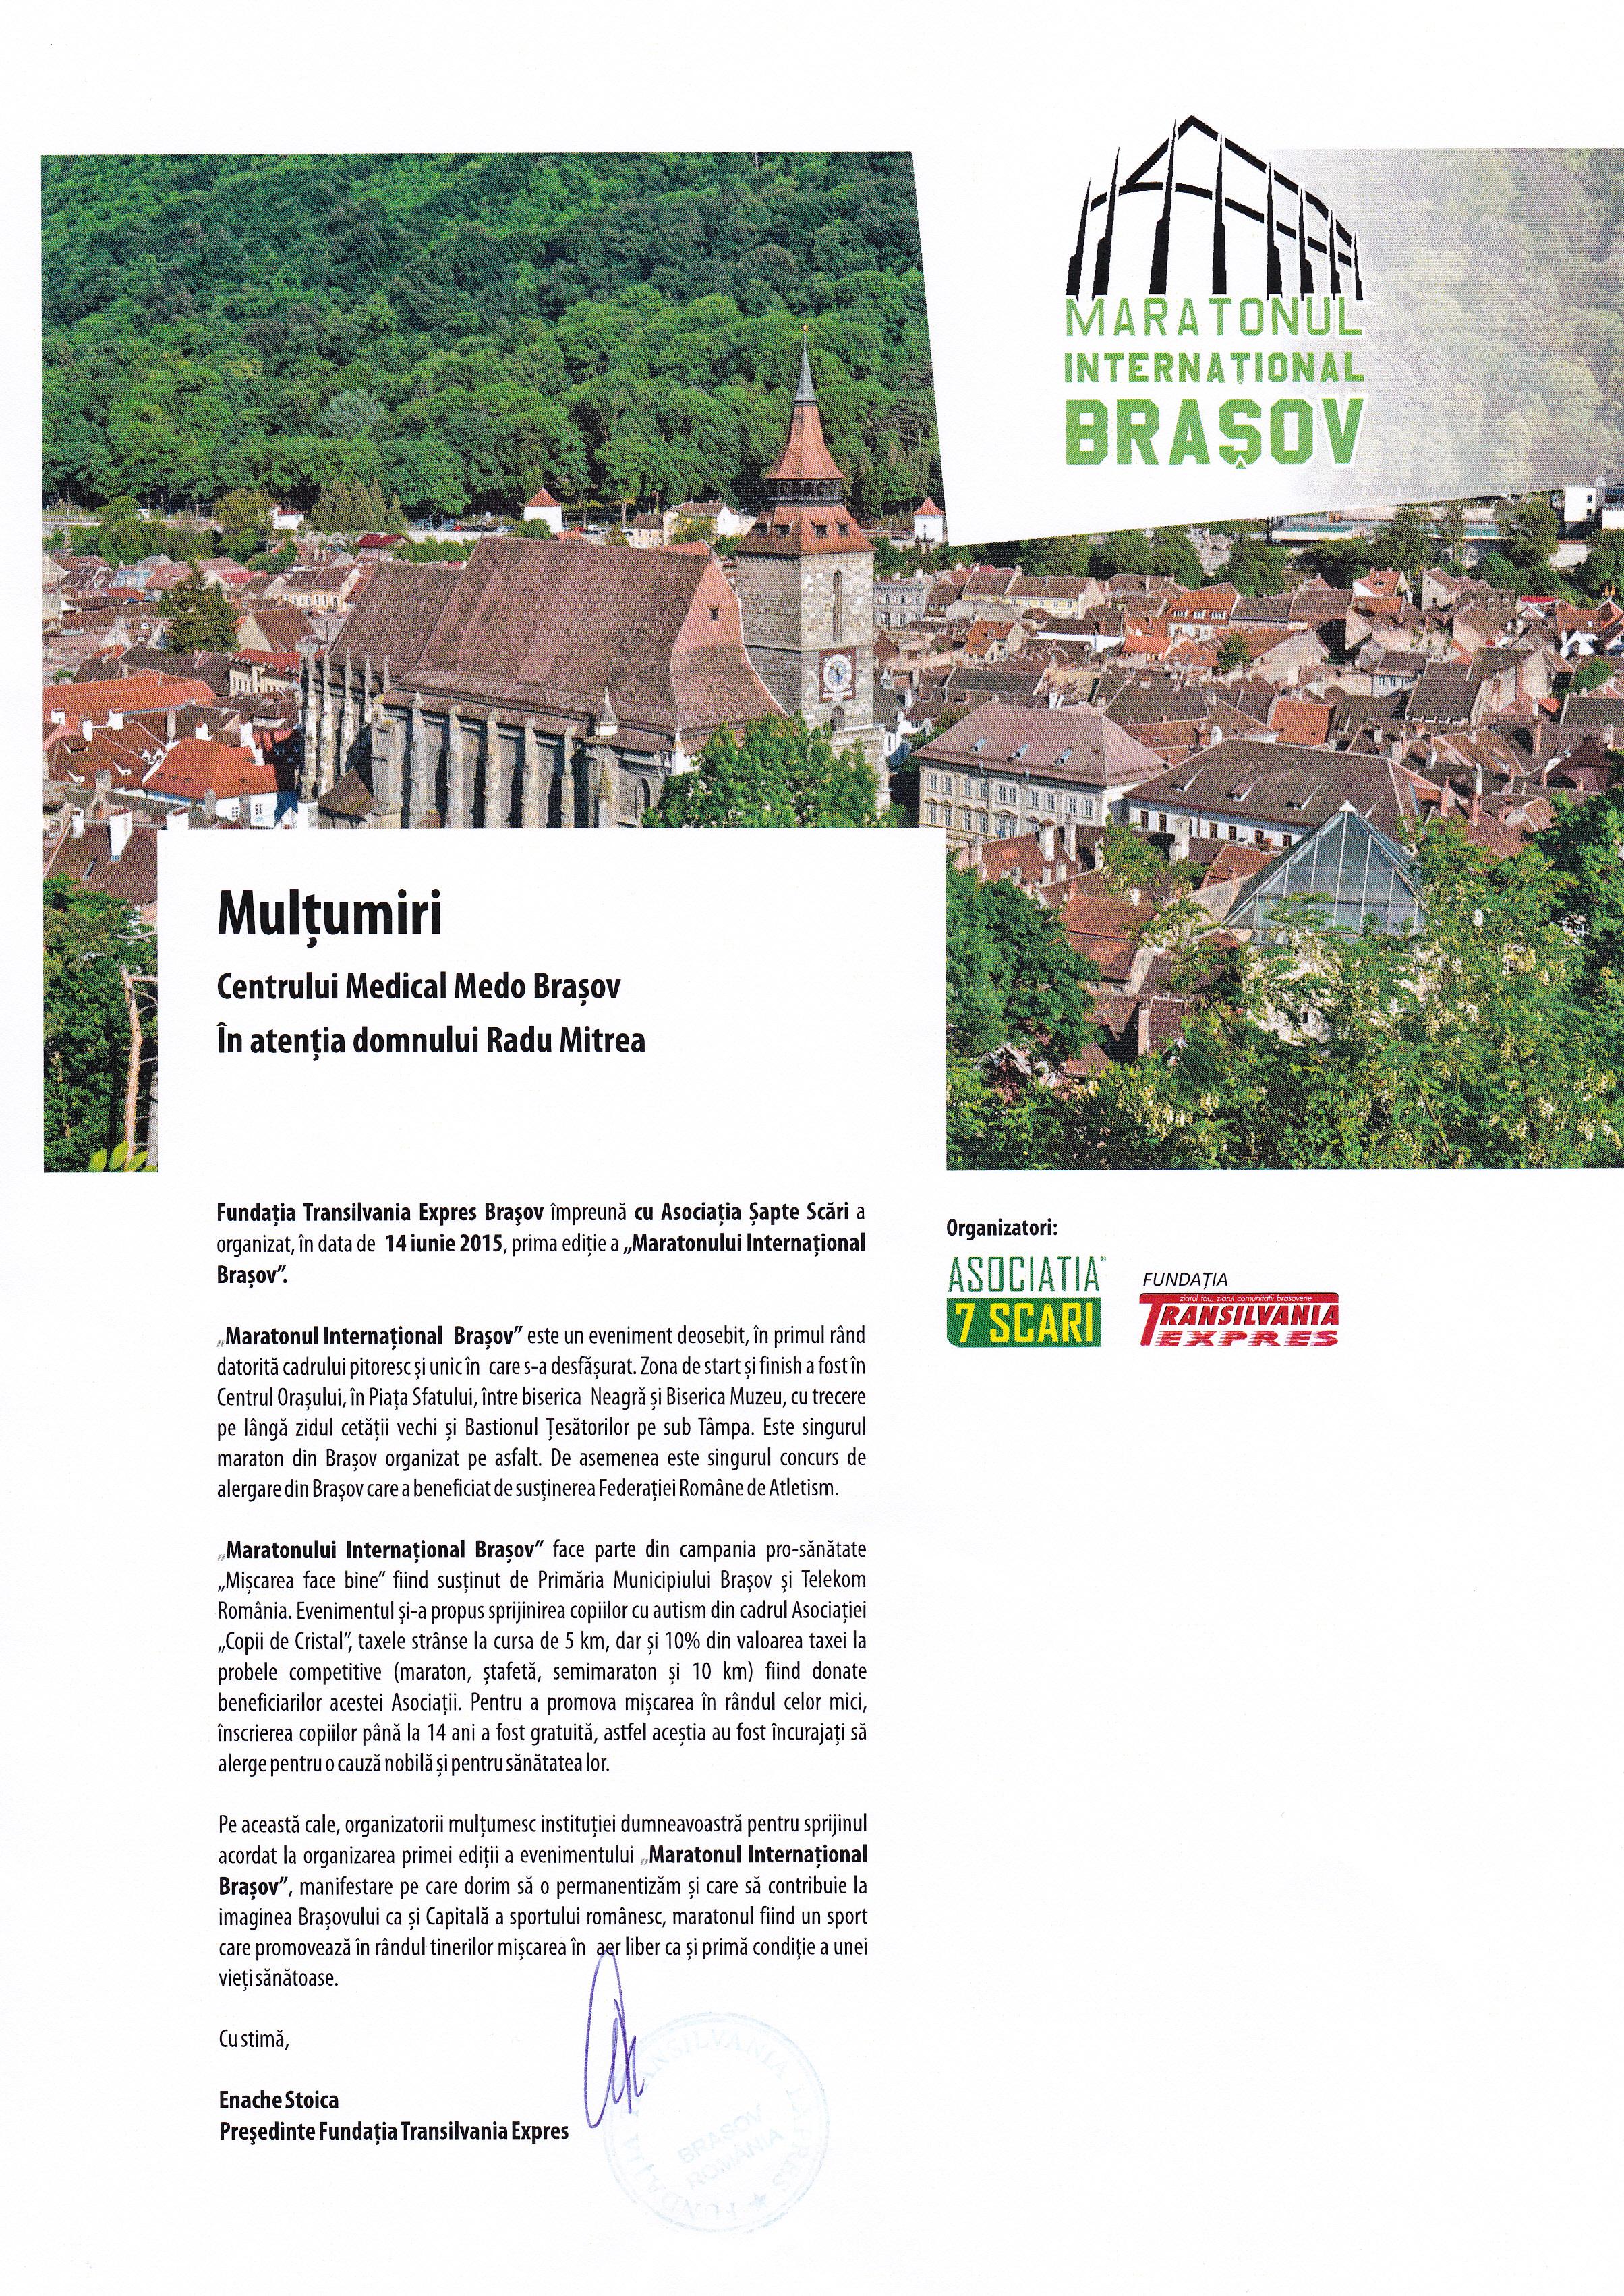 Maratonul Internațional din 14 iunie 2015 de la Brașov